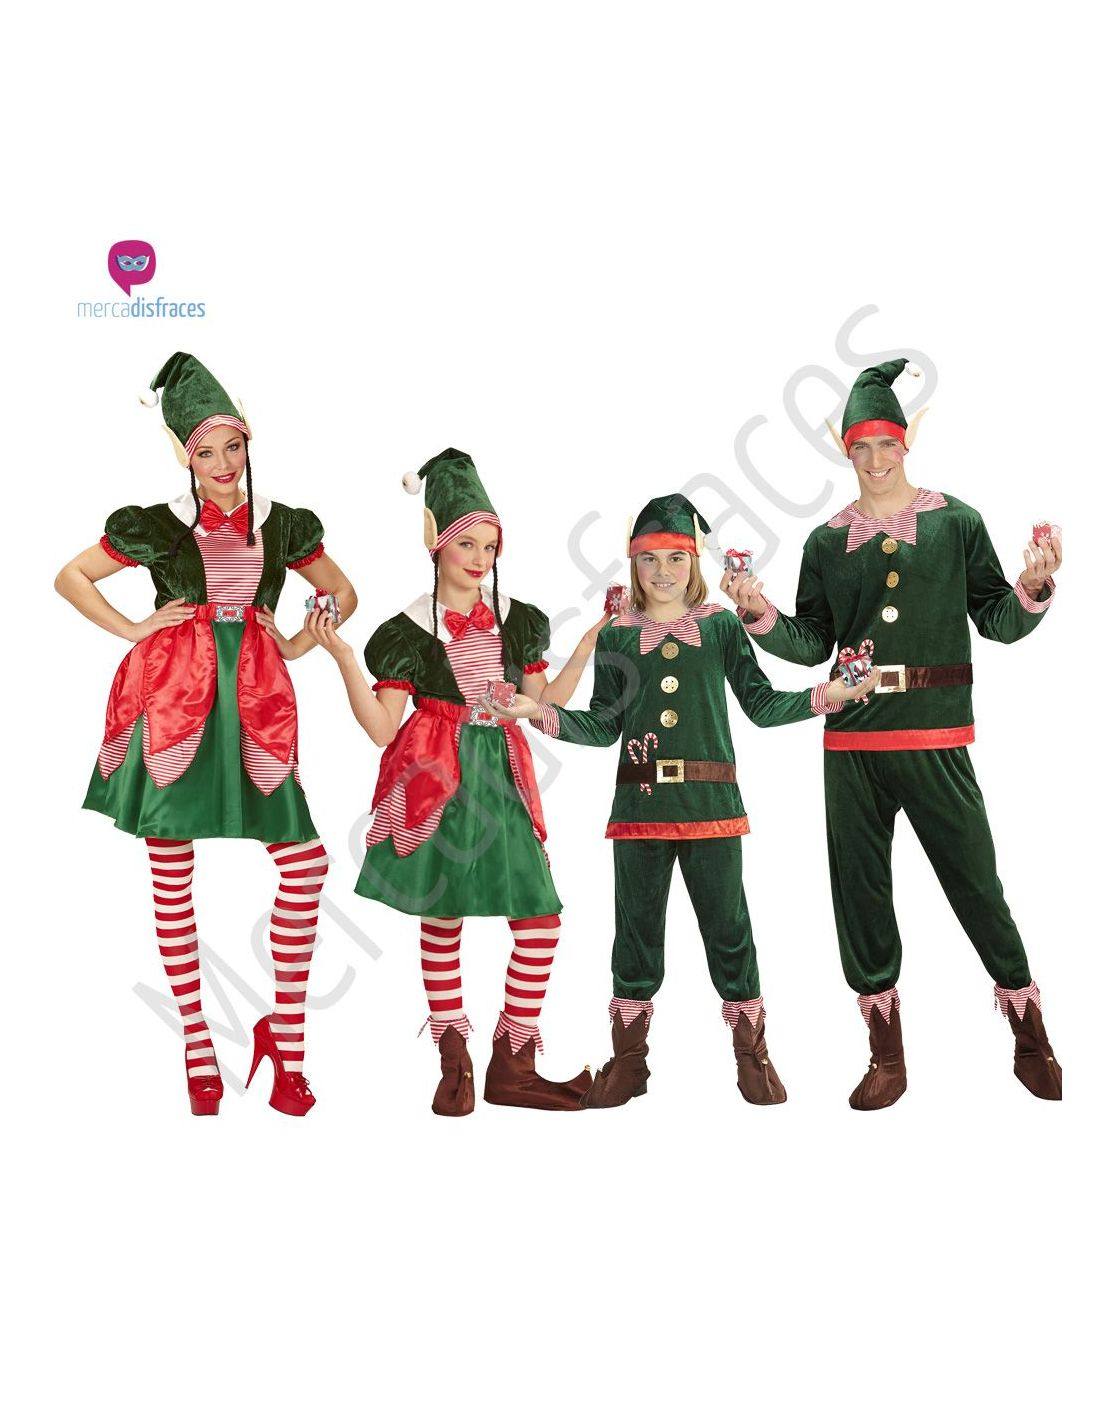 Disfraces grupos elfos navide os tienda de disfraces online - Disfraces navidenos originales ...